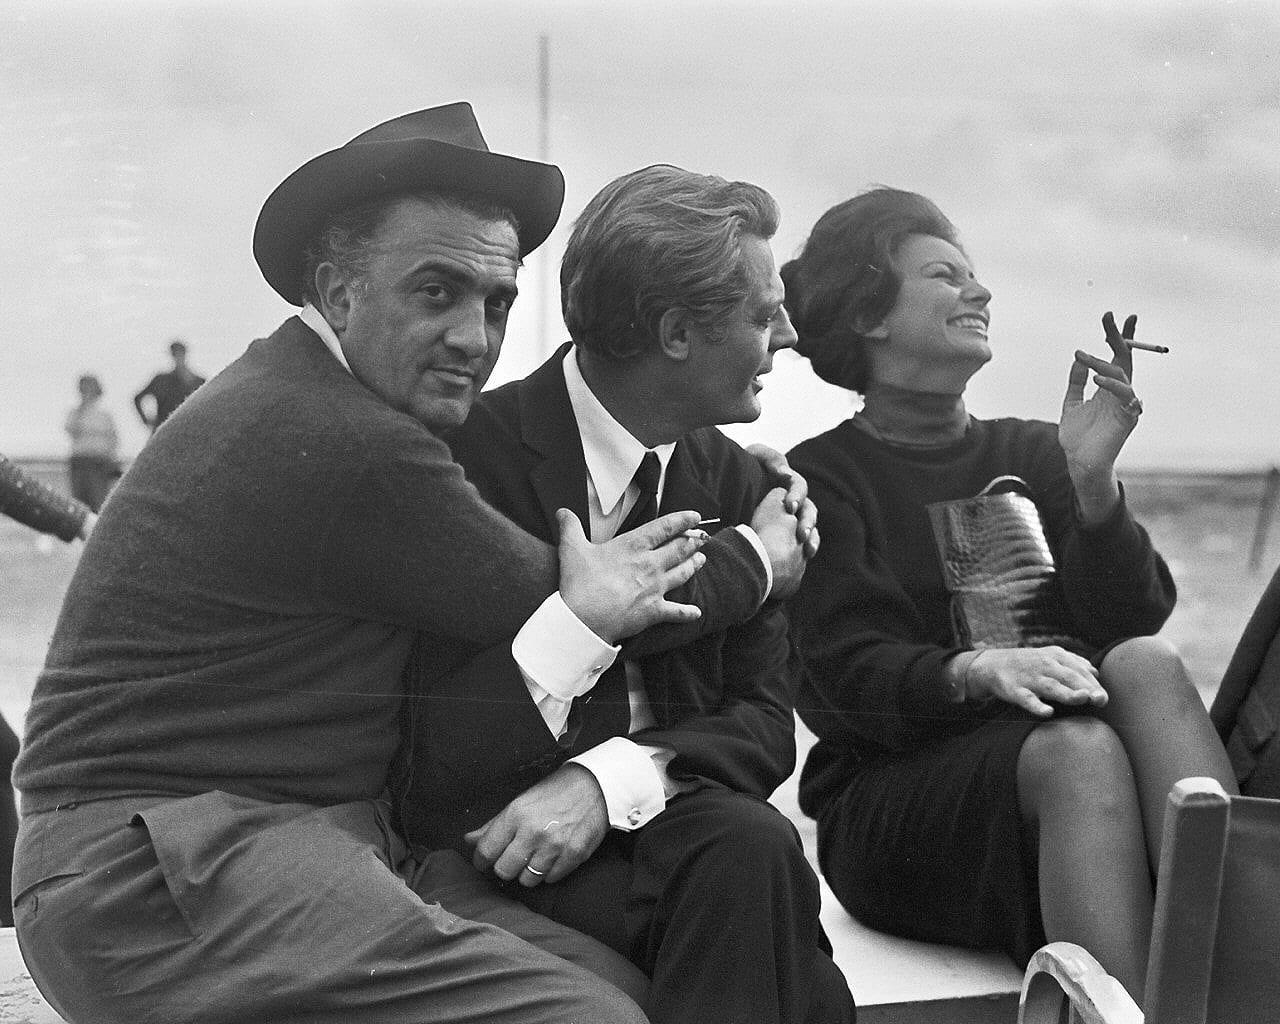 Fellini-8-e-mezzo-mastroianni-loren